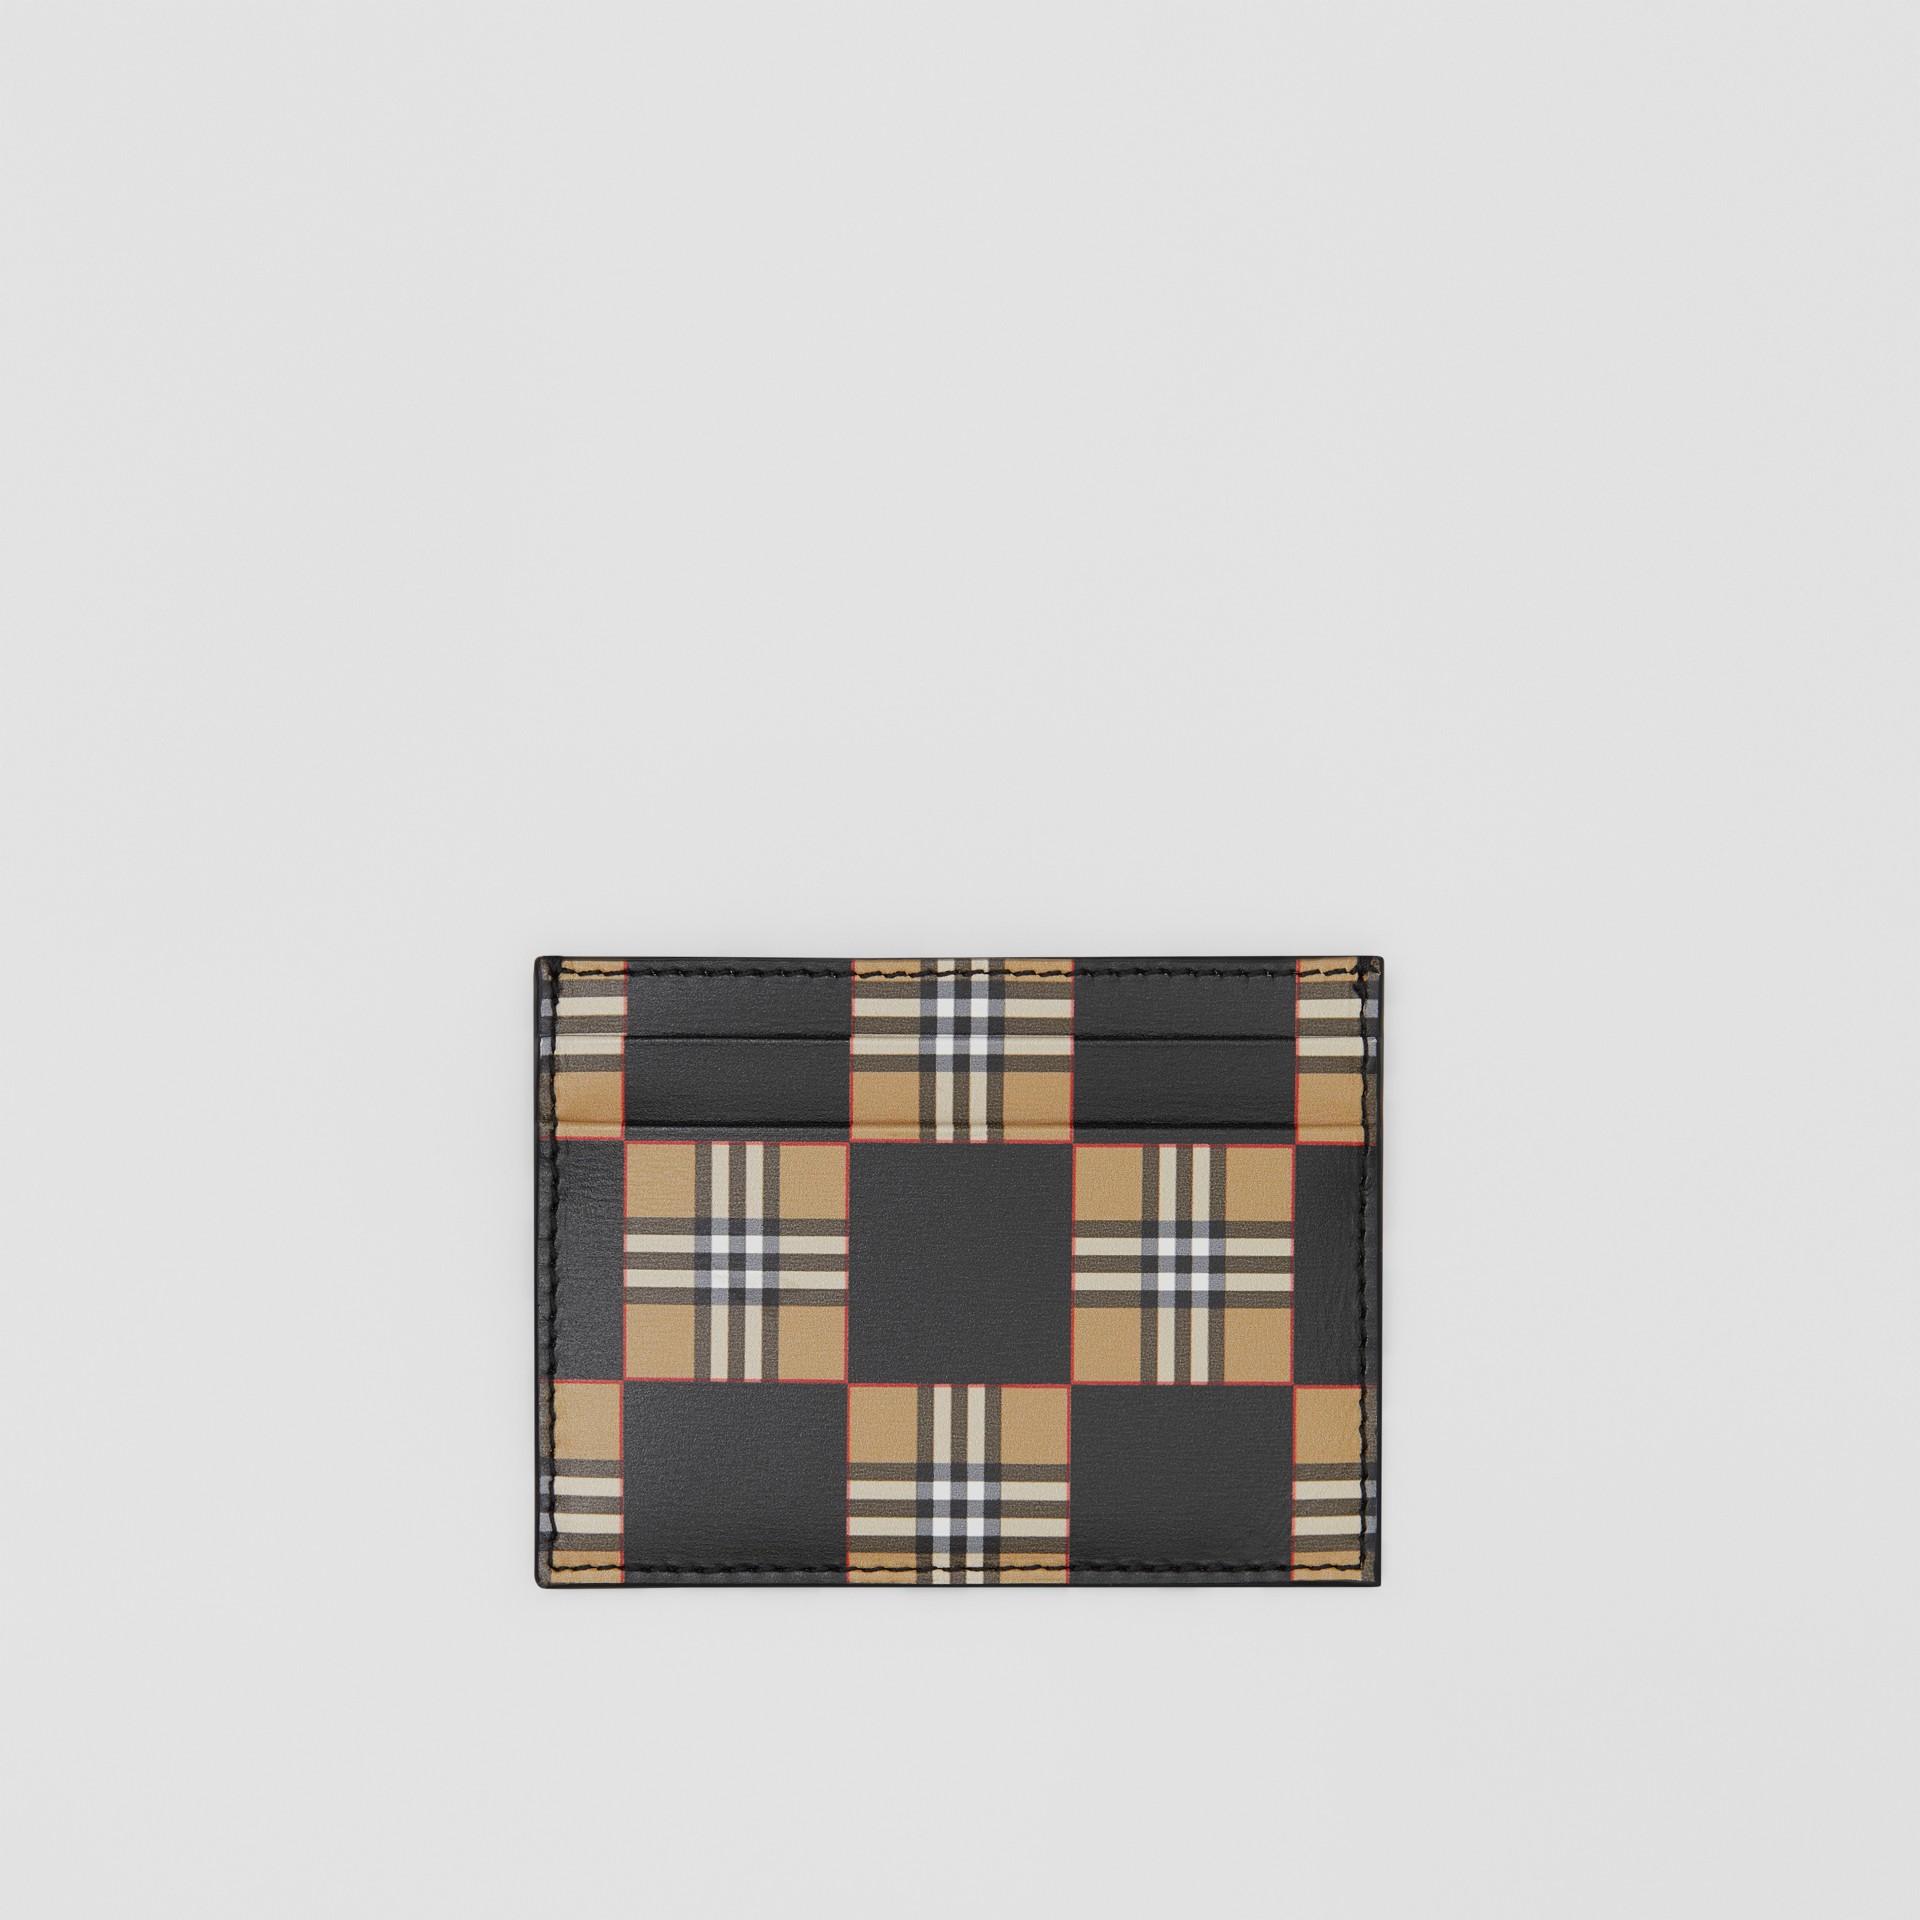 チェッカープリント レザー カードケース (アーカイブベージュ/ブラック) | バーバリー - ギャラリーイメージ 0